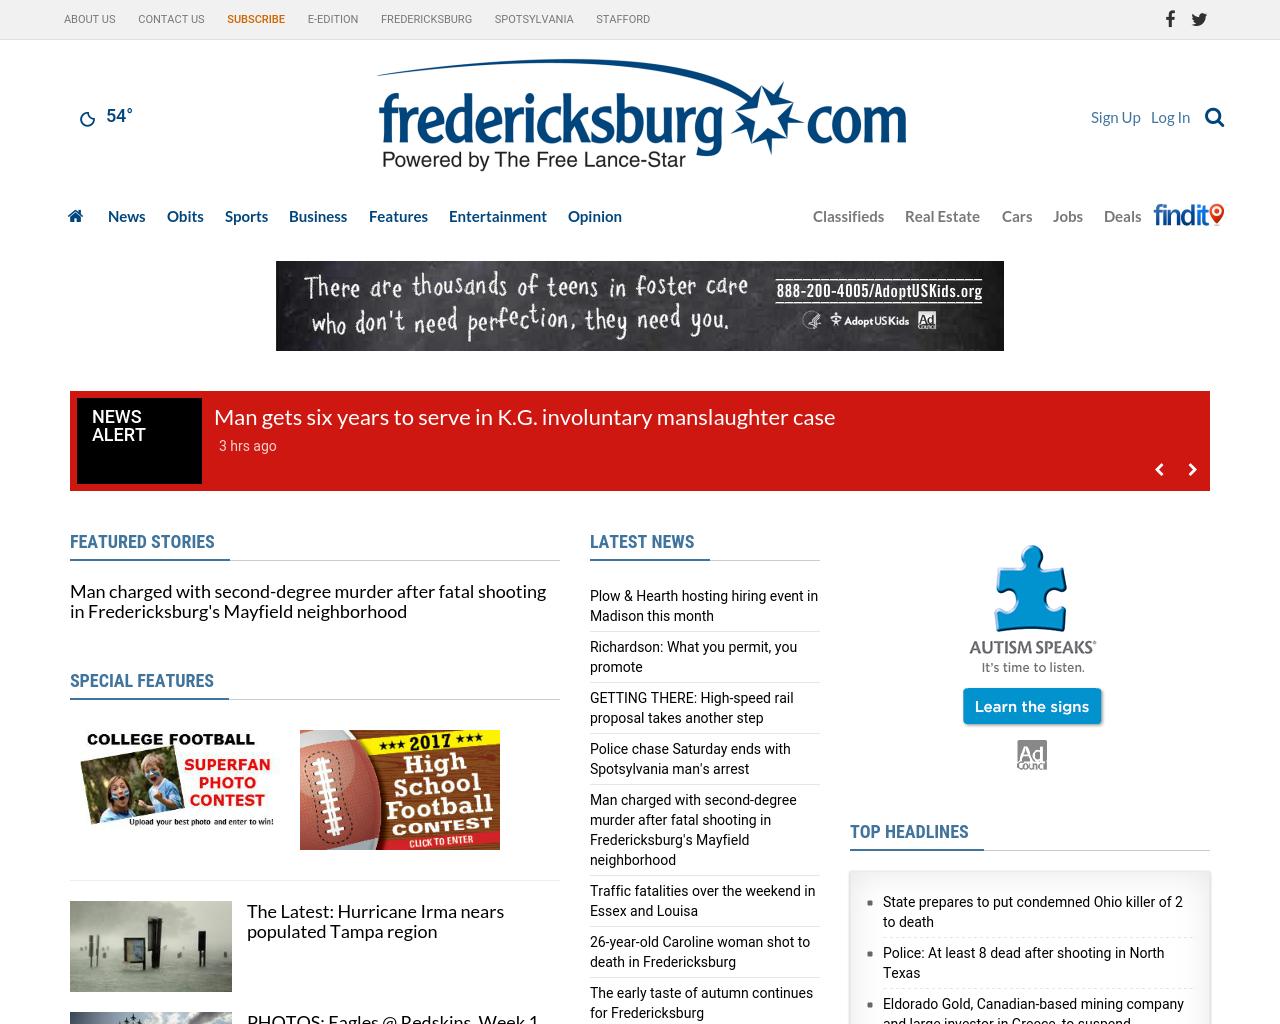 fredericksburg.com-Advertising-Reviews-Pricing